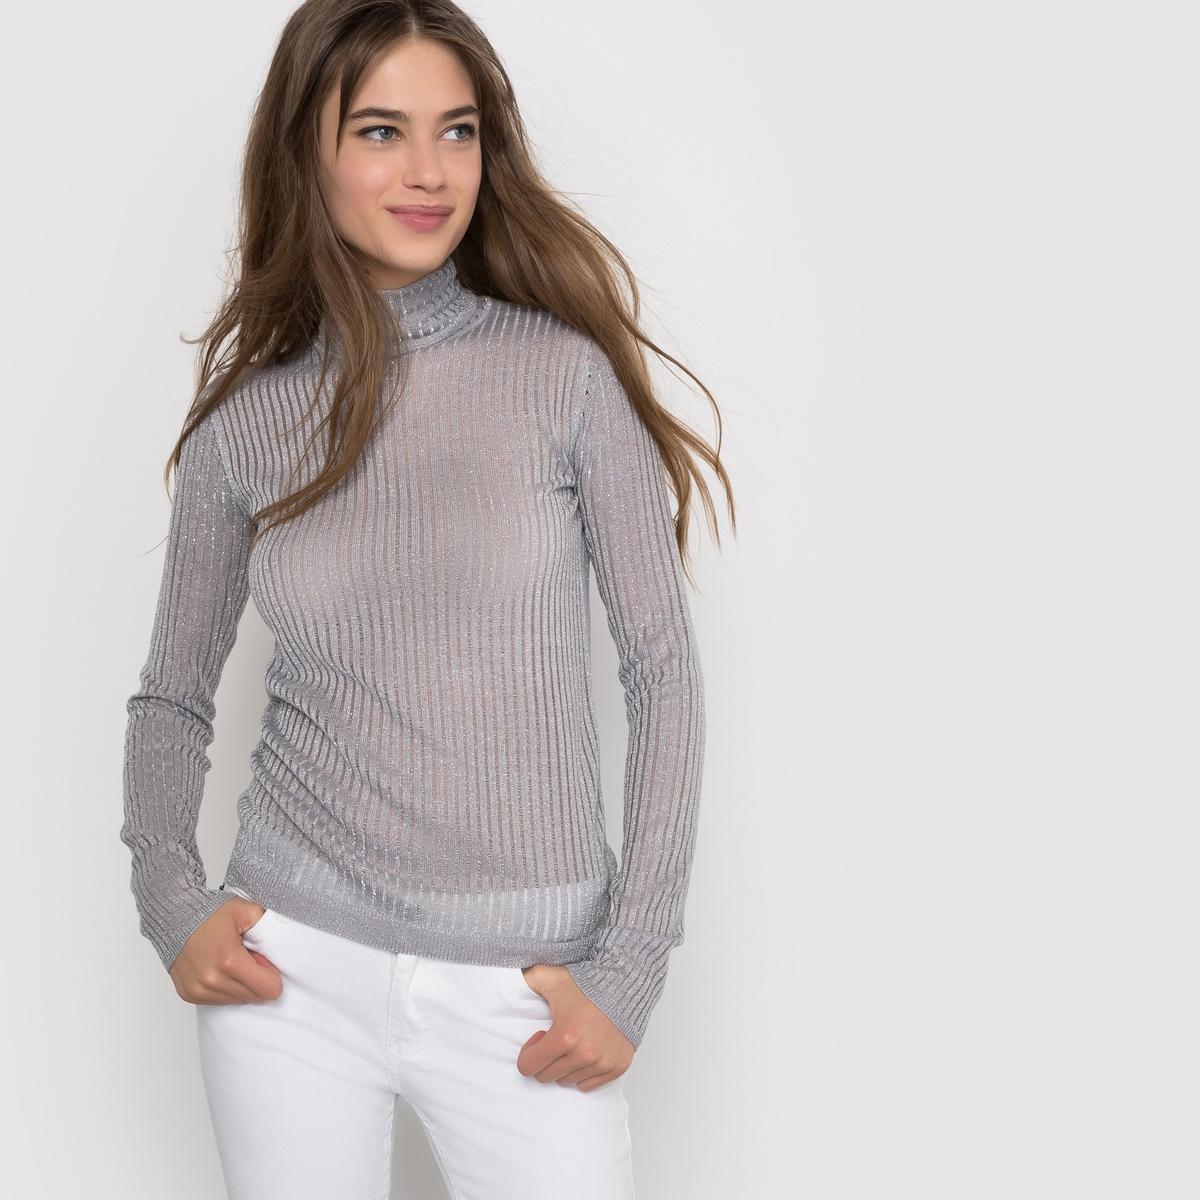 Облегающий пуловер в рубчик с металлизированными нитямиСостав и описание :Длина : 59 смМатериал : 95% акрила, 5% металлизированных нитейМарка :      R ?ditionУходСтирка при 30° с одеждой подобного цвета Не гладить<br><br>Цвет: красно-фиолетовый,светло-серый металл<br>Размер: 48 (FR) - 54 (RUS).46 (FR) - 52 (RUS).42 (FR) - 48 (RUS).40 (FR) - 46 (RUS).38 (FR) - 44 (RUS).36 (FR) - 42 (RUS).48 (FR) - 54 (RUS).46 (FR) - 52 (RUS).44 (FR) - 50 (RUS).42 (FR) - 48 (RUS).40 (FR) - 46 (RUS).38 (FR) - 44 (RUS).36 (FR) - 42 (RUS)